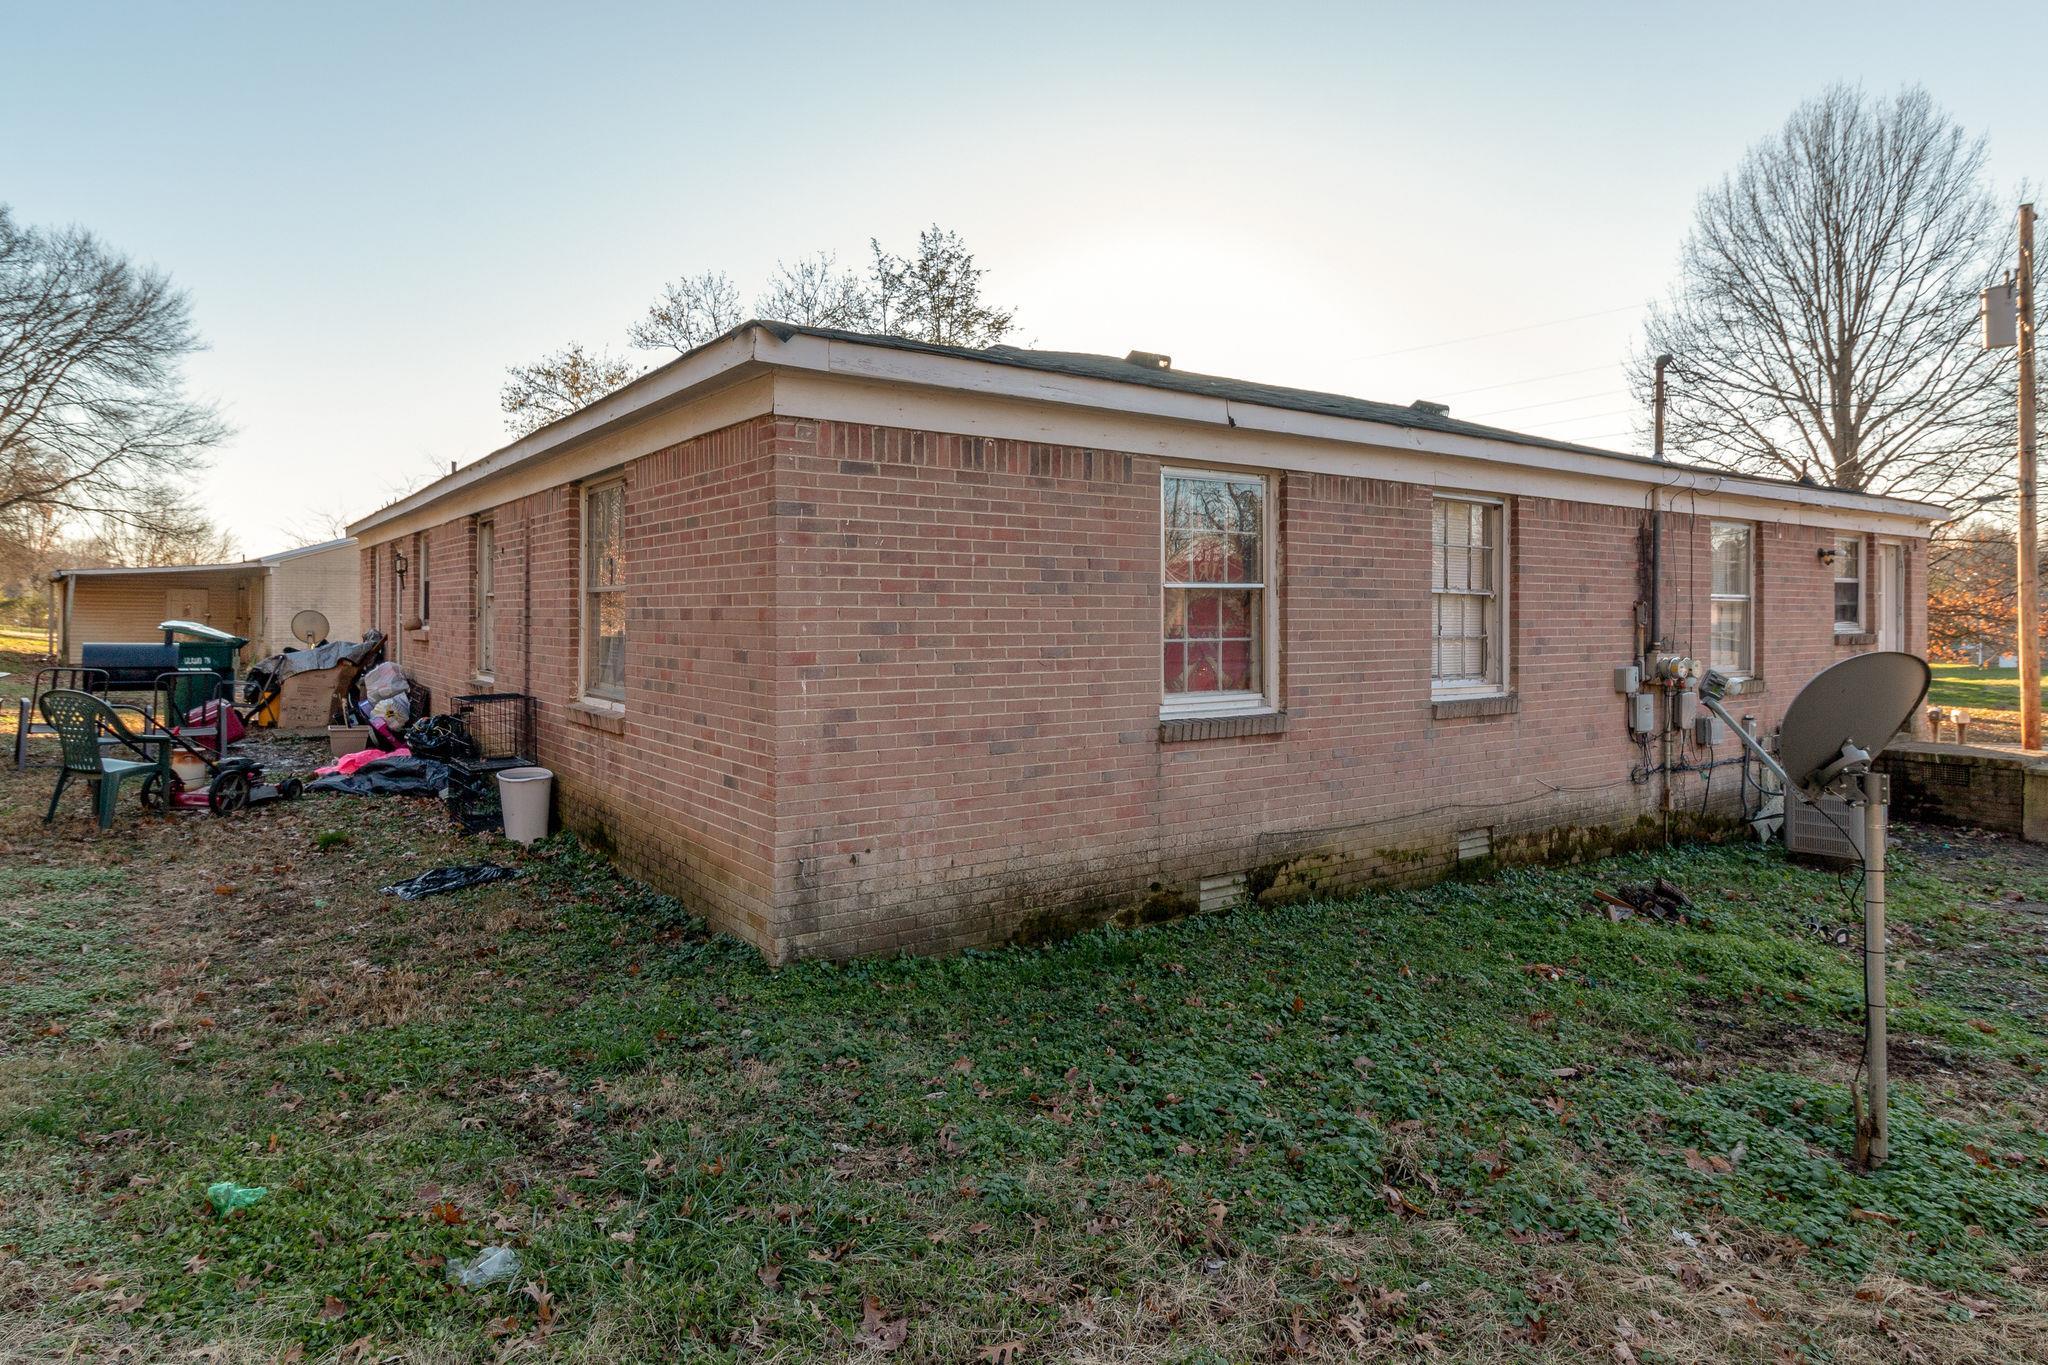 416418 Longmeadow Circle, Pulaski, TN 38478 - Pulaski, TN real estate listing